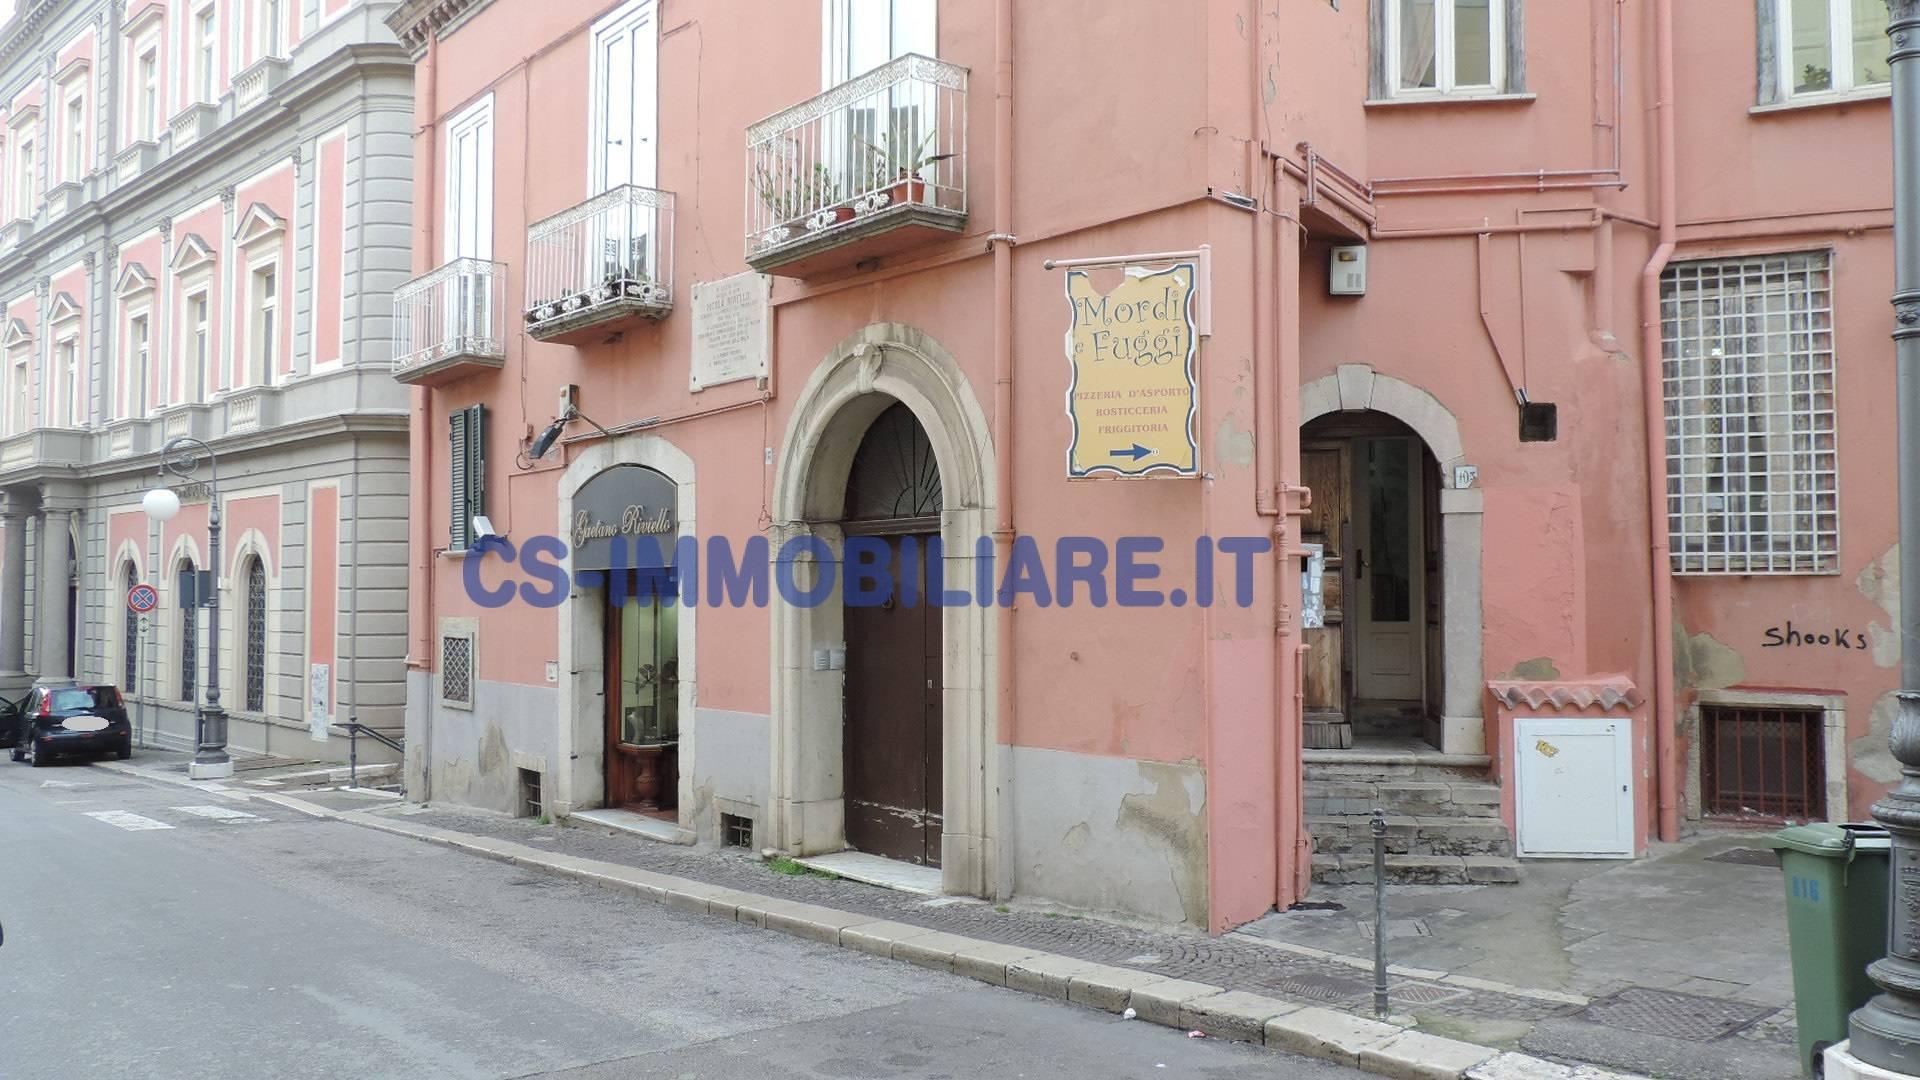 Appartamento in vendita a Potenza, 4 locali, zona Località: Centrostorico, prezzo € 99.000 | Cambio Casa.it